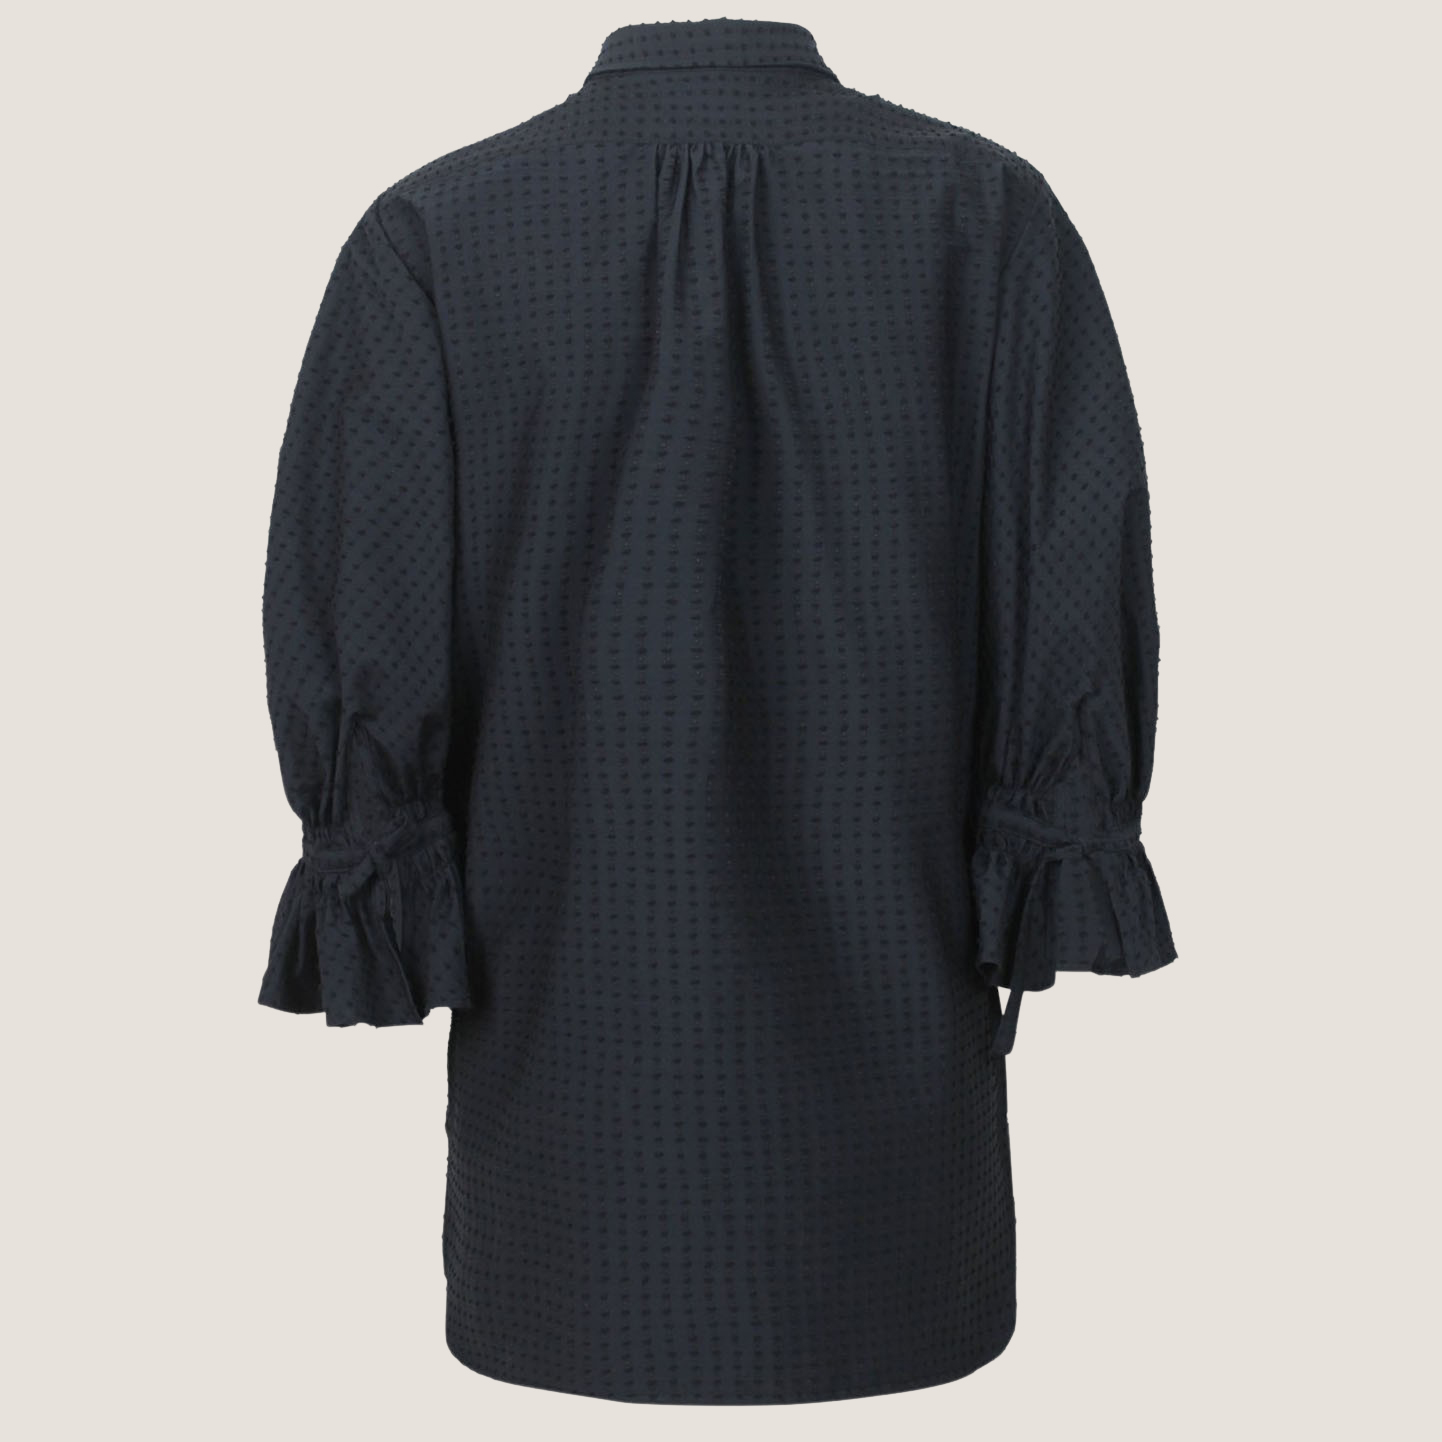 Brie Shirt